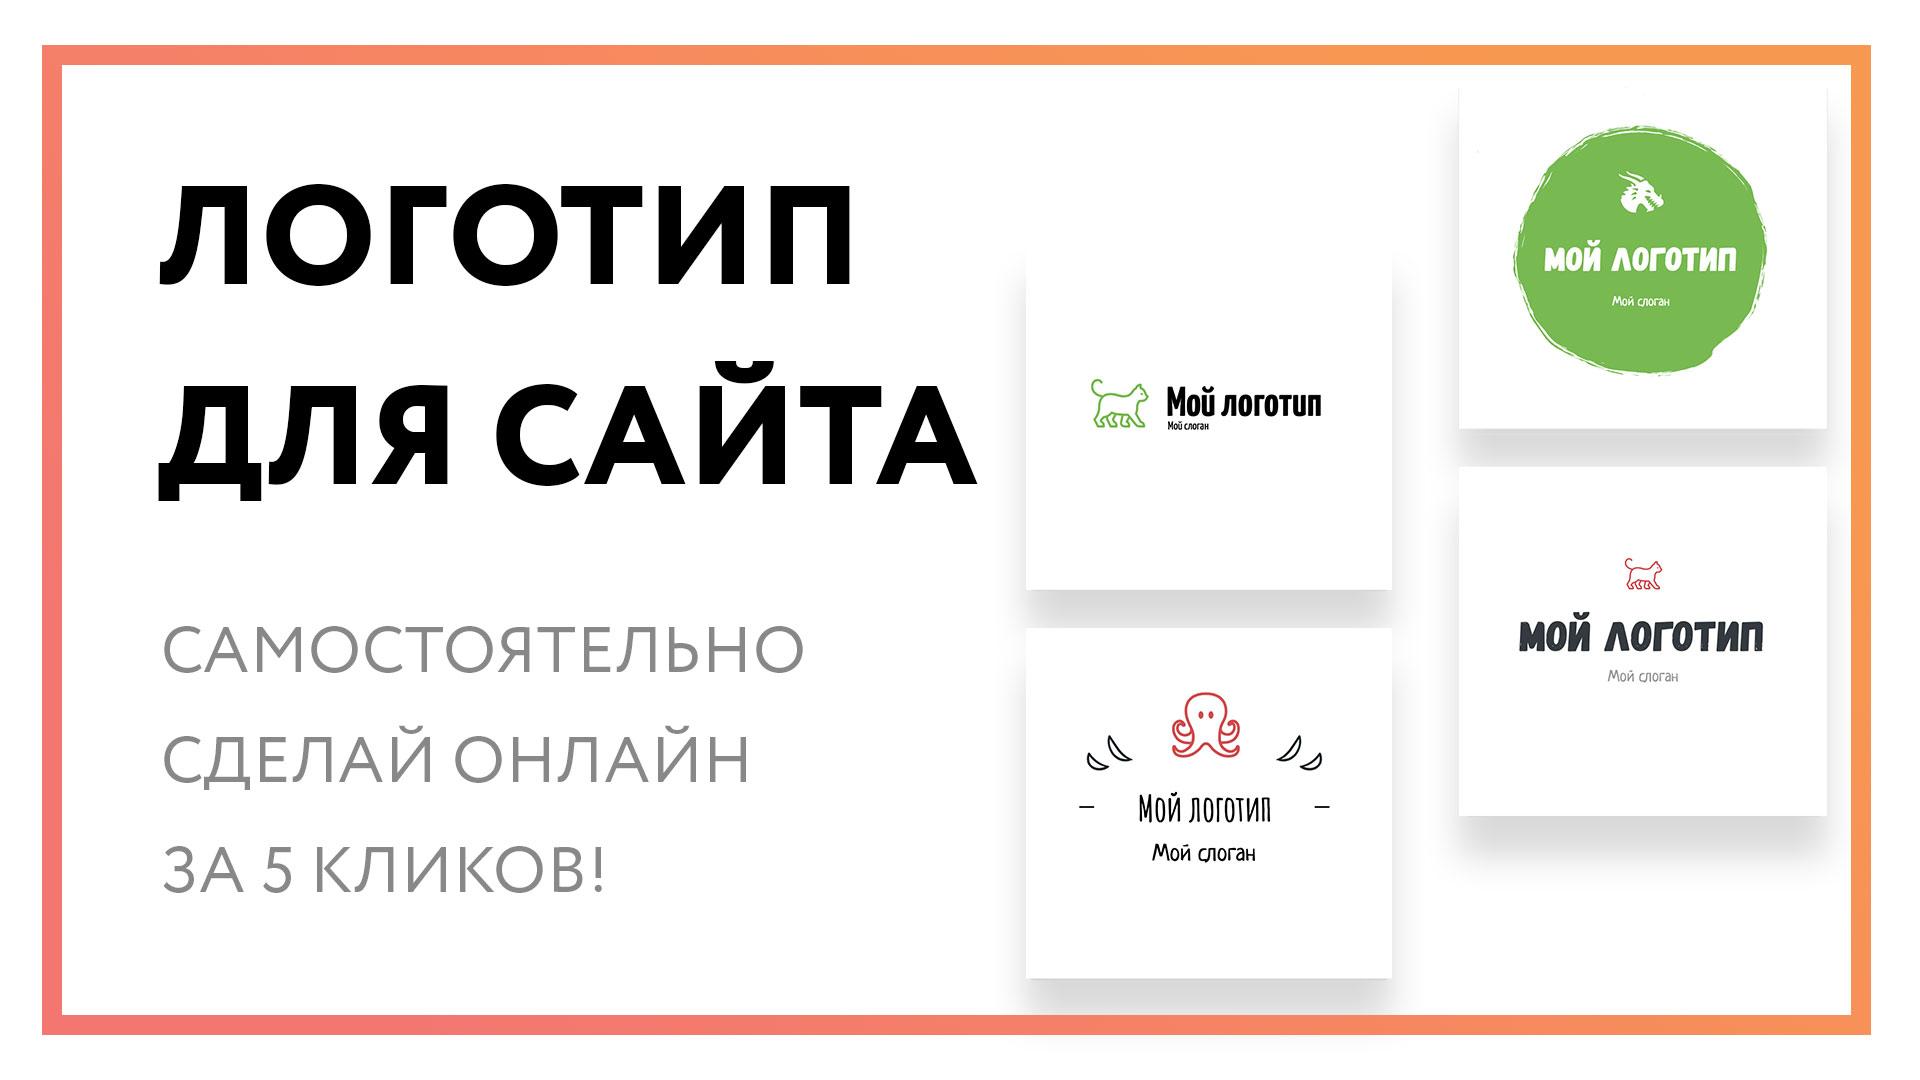 logotip-dlya-sajta.jpg